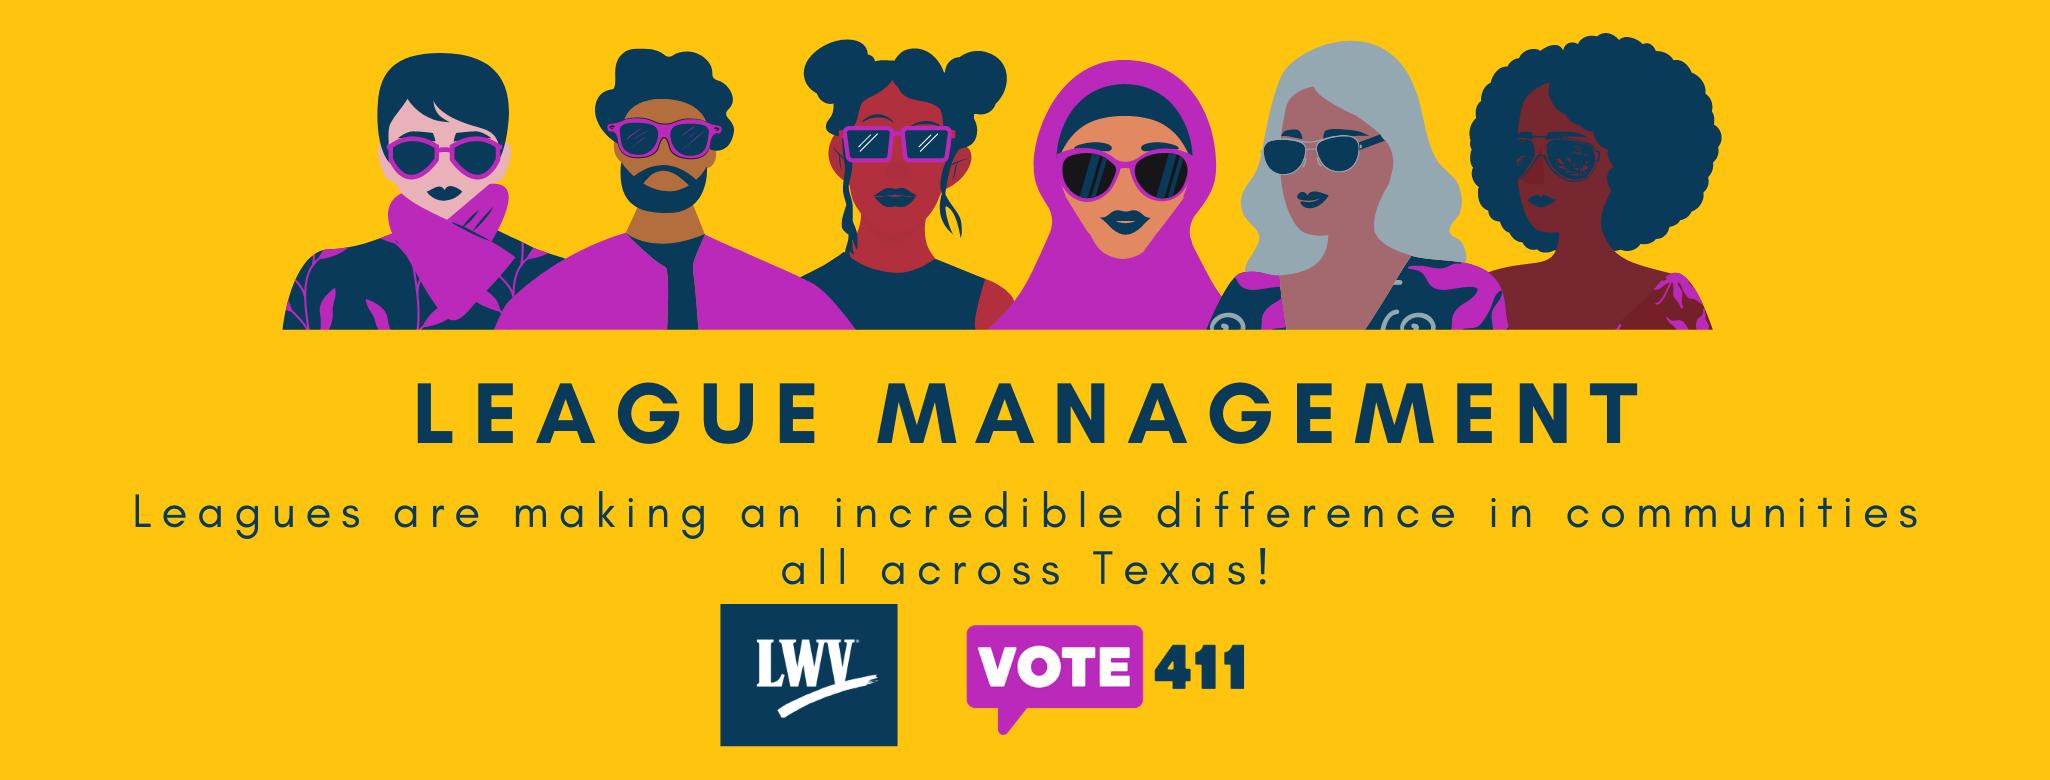 League Management